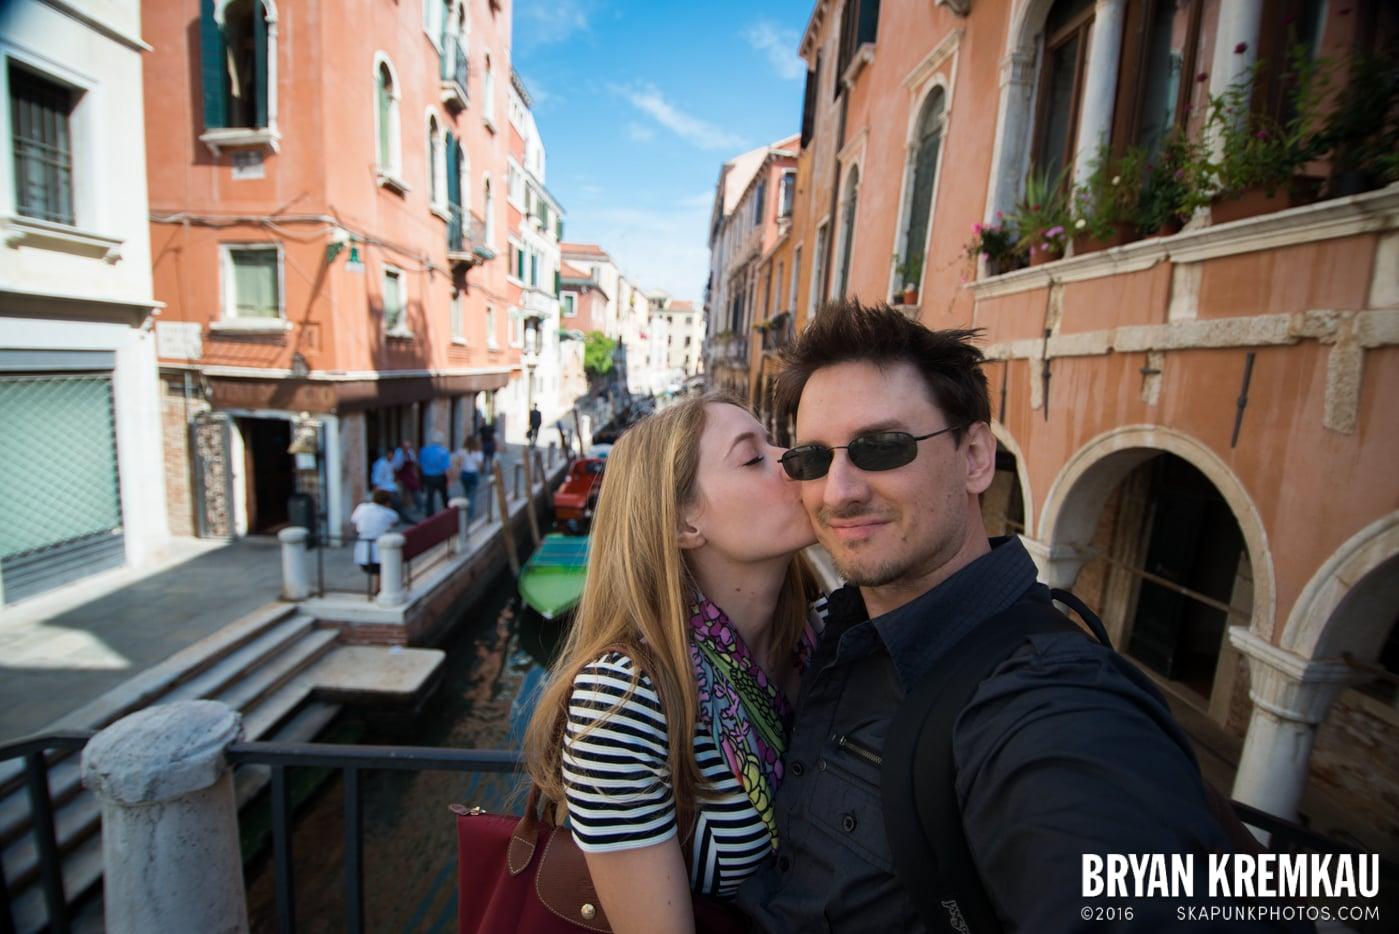 Italy Vacation - Day 5: Venice - 9.13.13 (62)